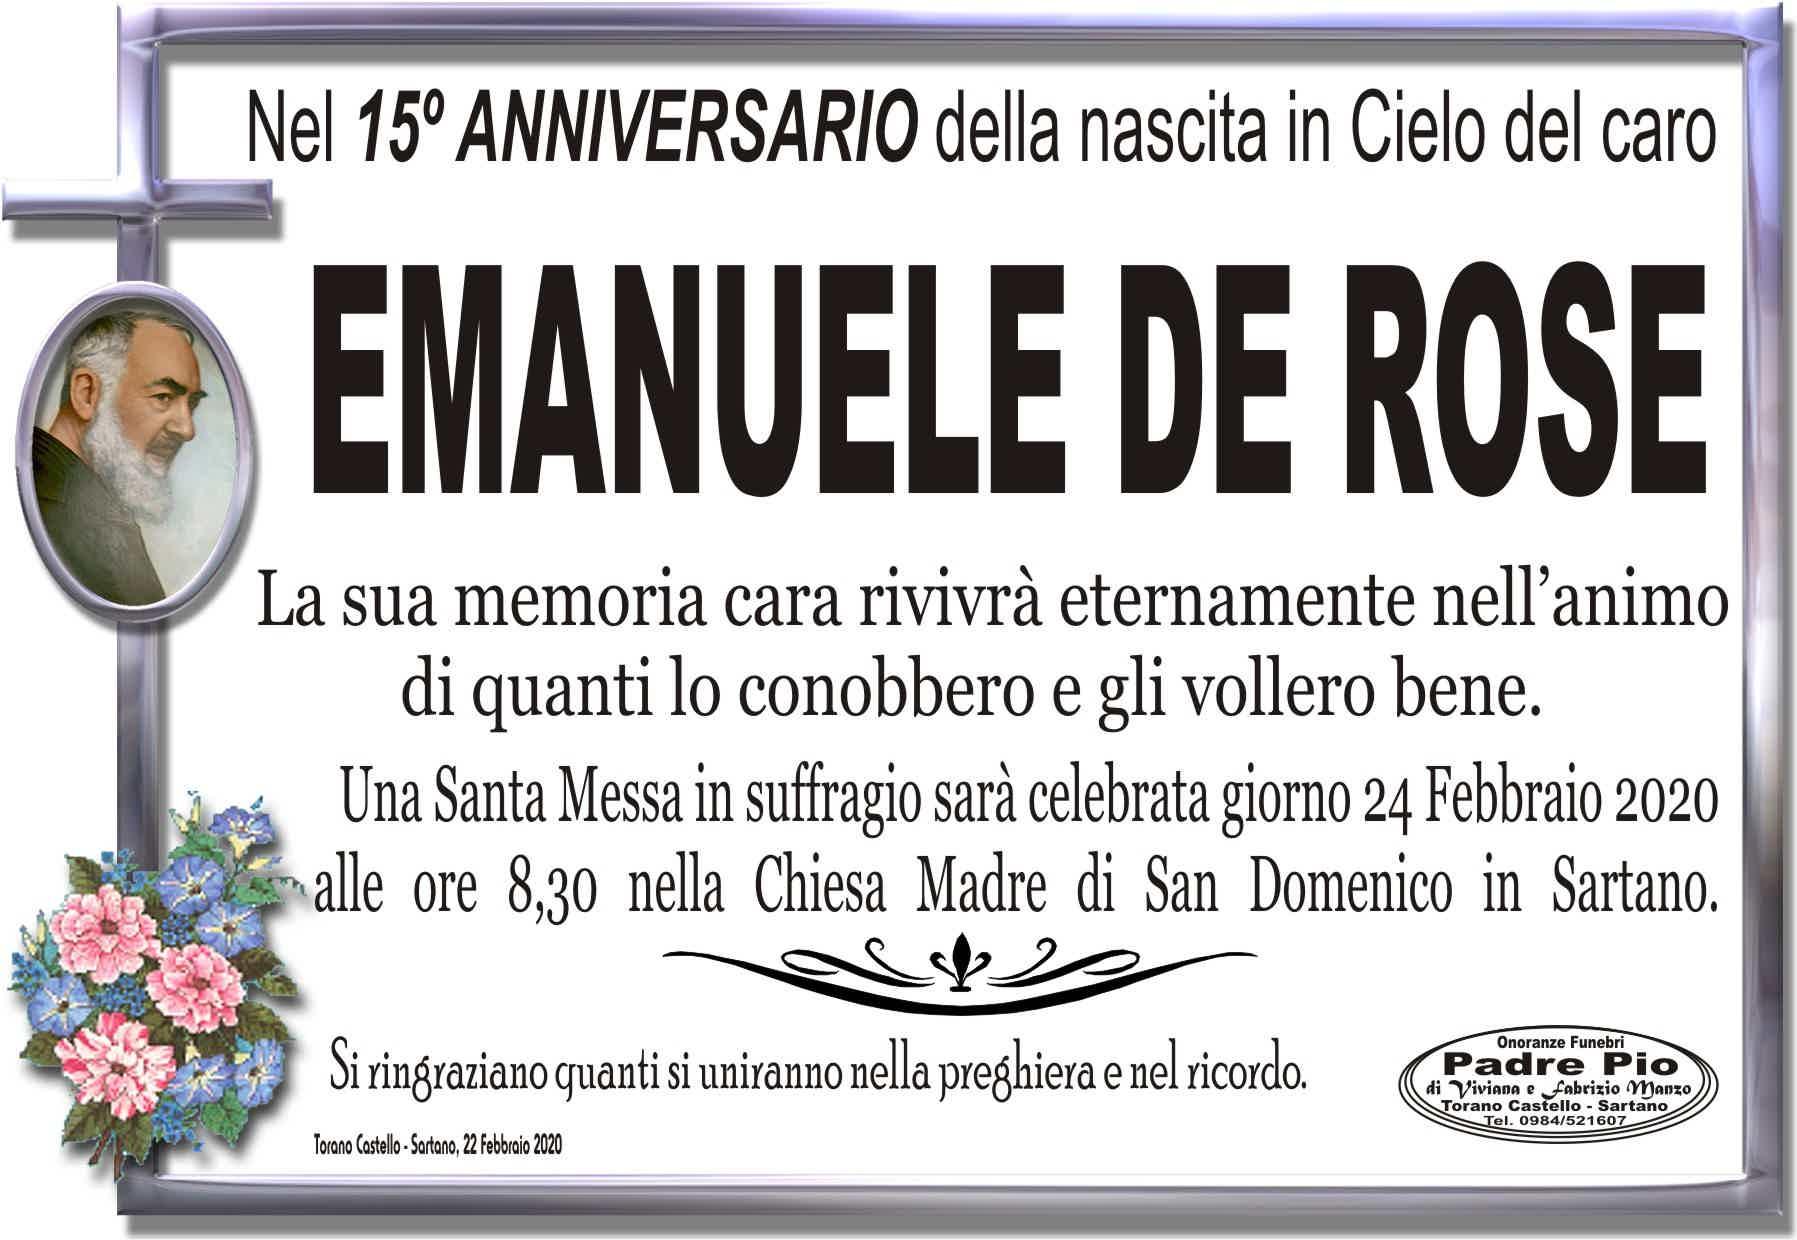 Emanuele De Rose